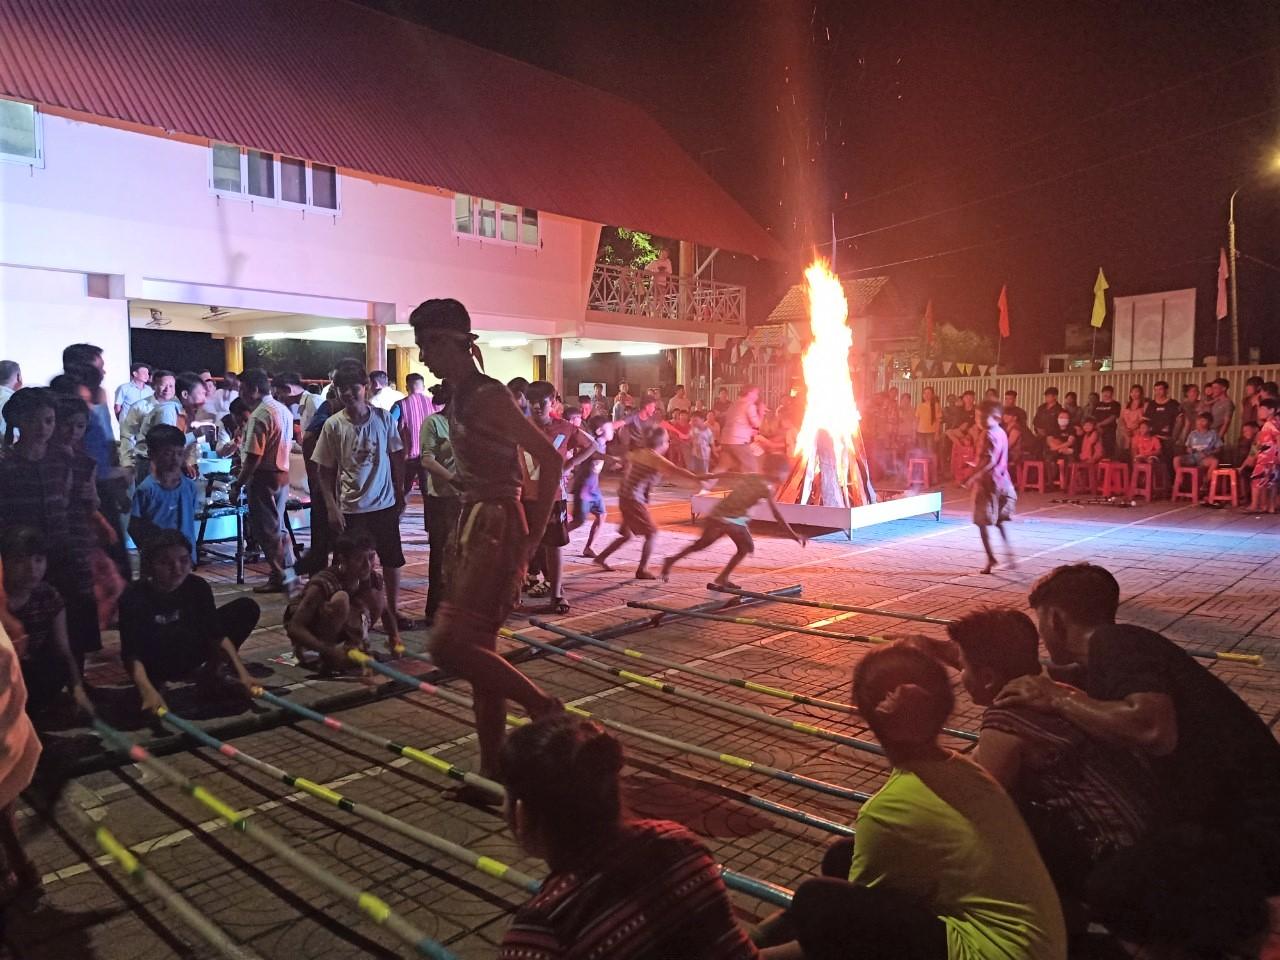 Bà con đồng bào Chơ Ro và các đại biểu cùng thưởng thức rượu cần, nhảy sạp và quây quần bên ánh lửa của đêm hội